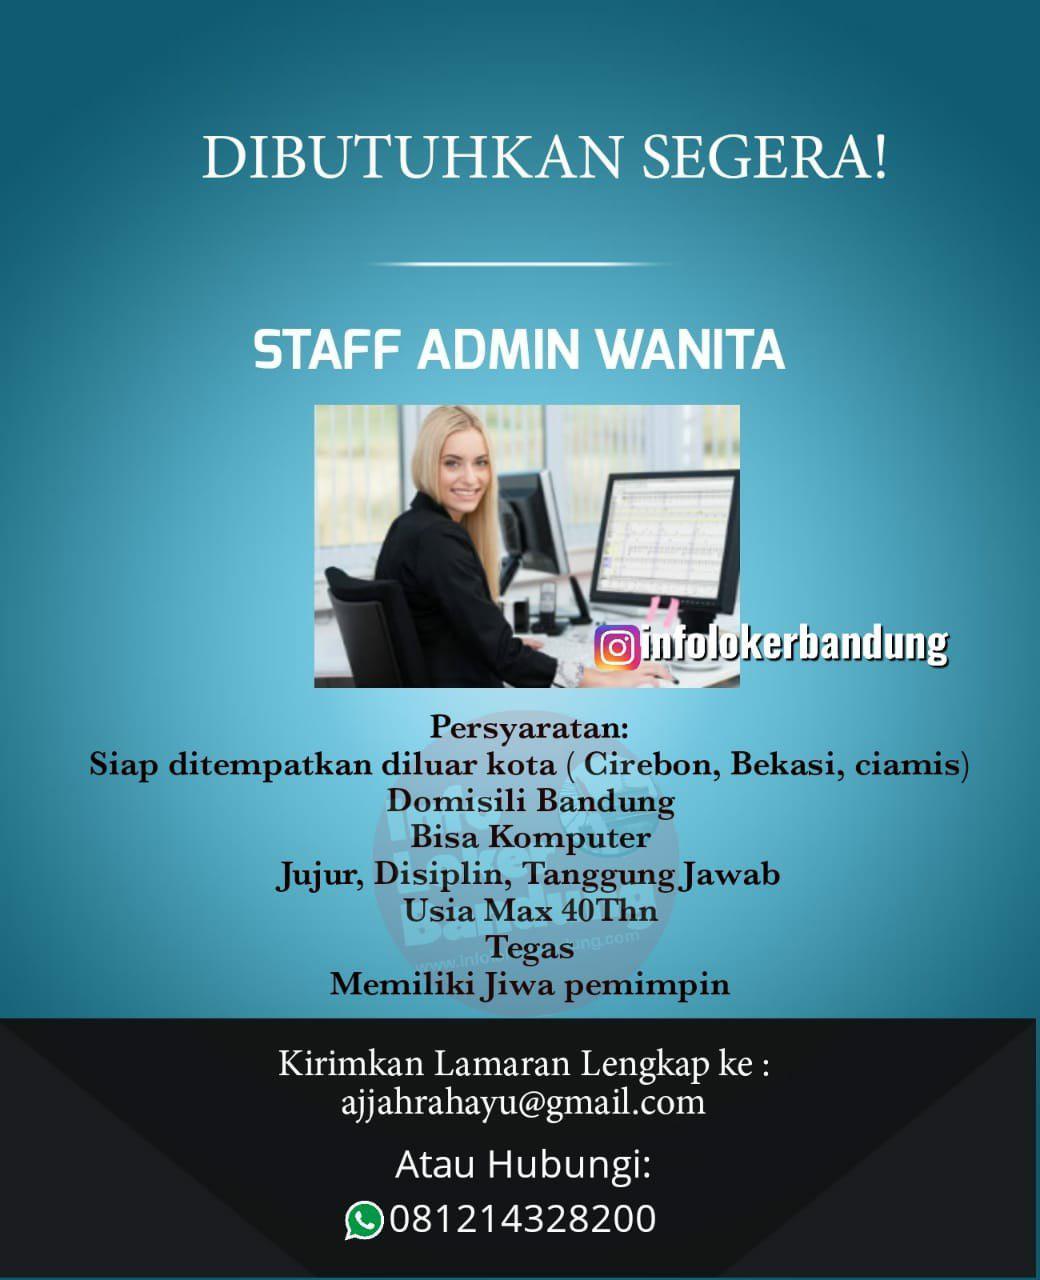 Lowongan Kerja Staff Admin Wanita Mei 2019